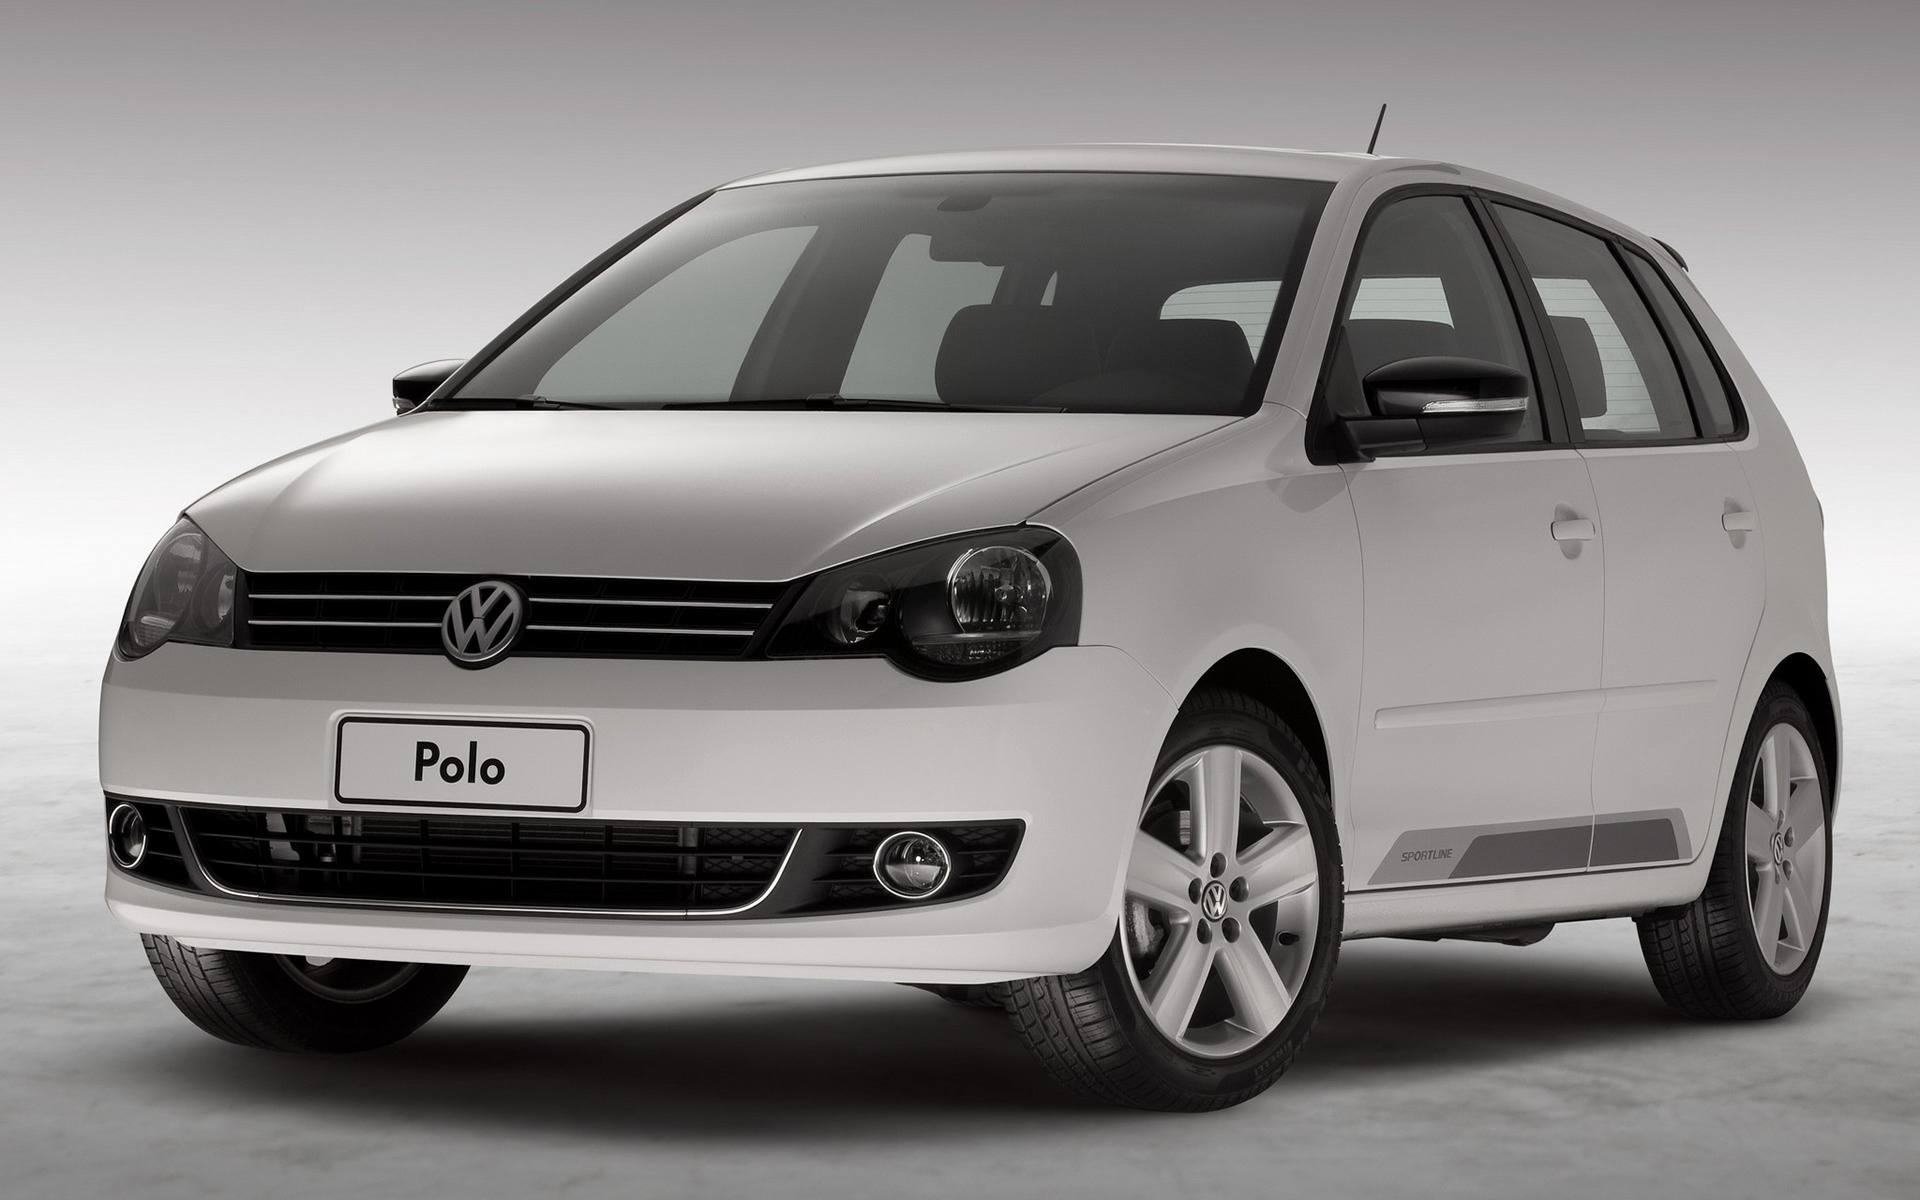 2011 Volkswagen Polo 5-door (BR) - Wallpapers and HD